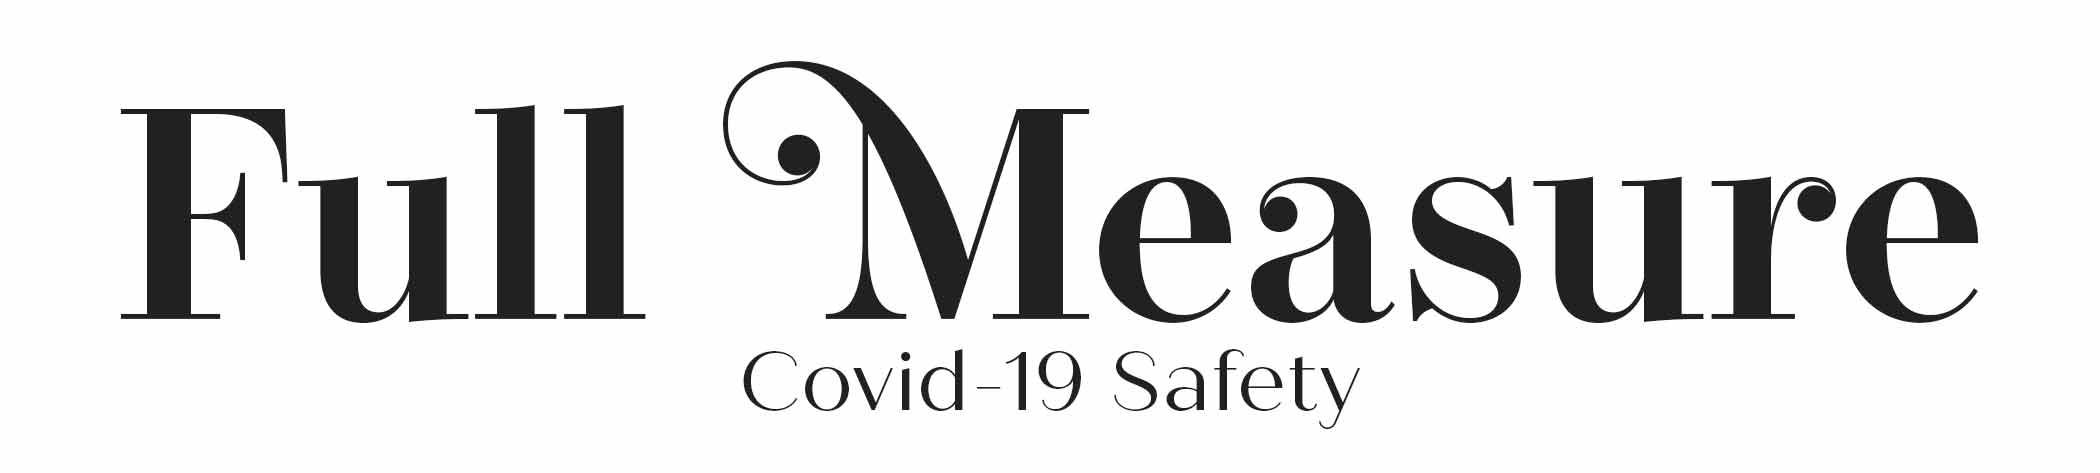 FM-WB-Covid-19-safety